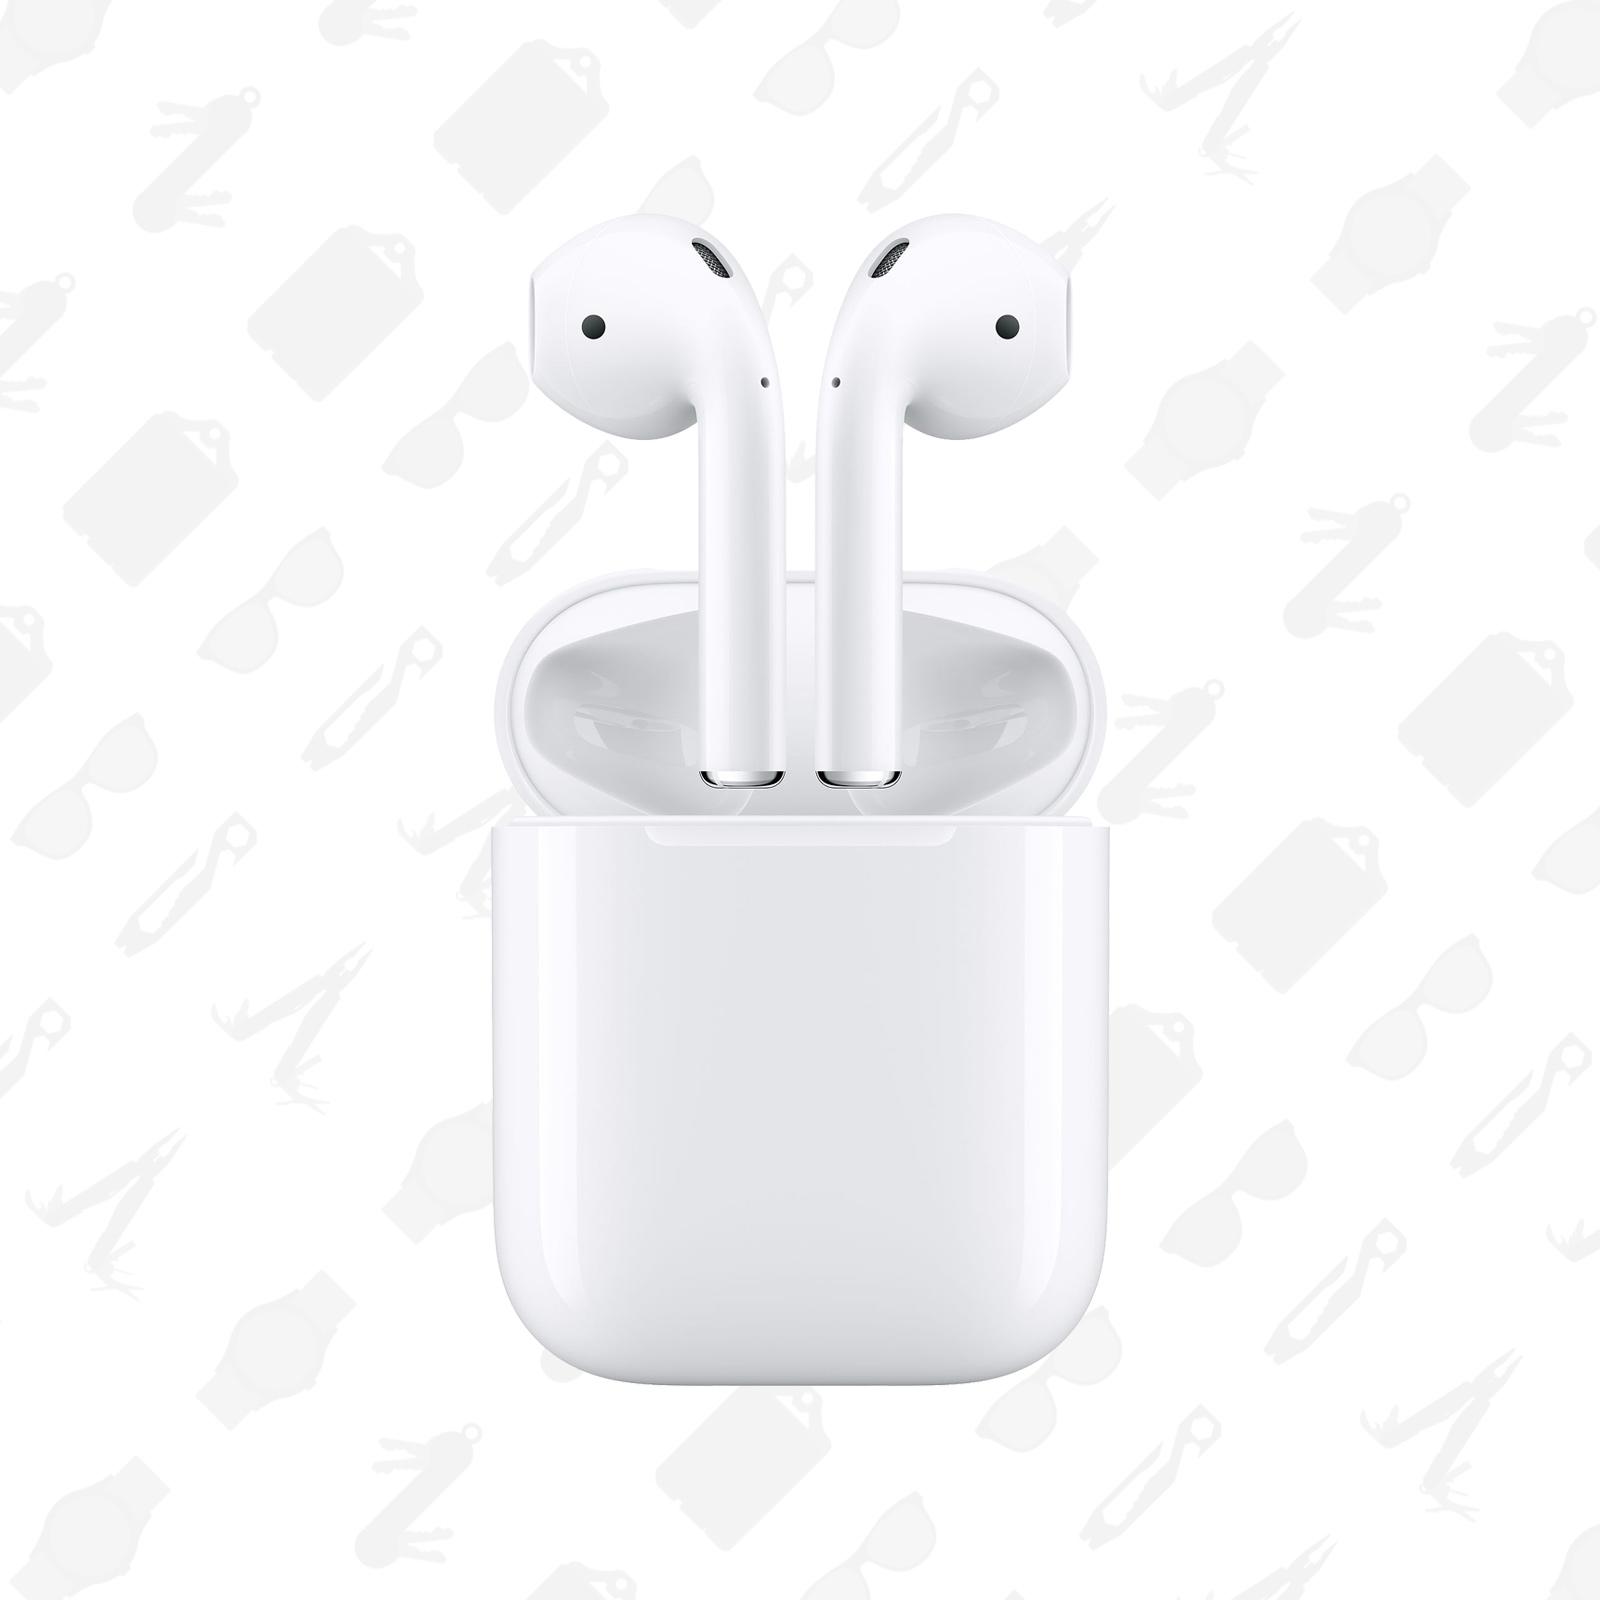 Apple AirPods (Refurbished)  $135.99   Best Buy